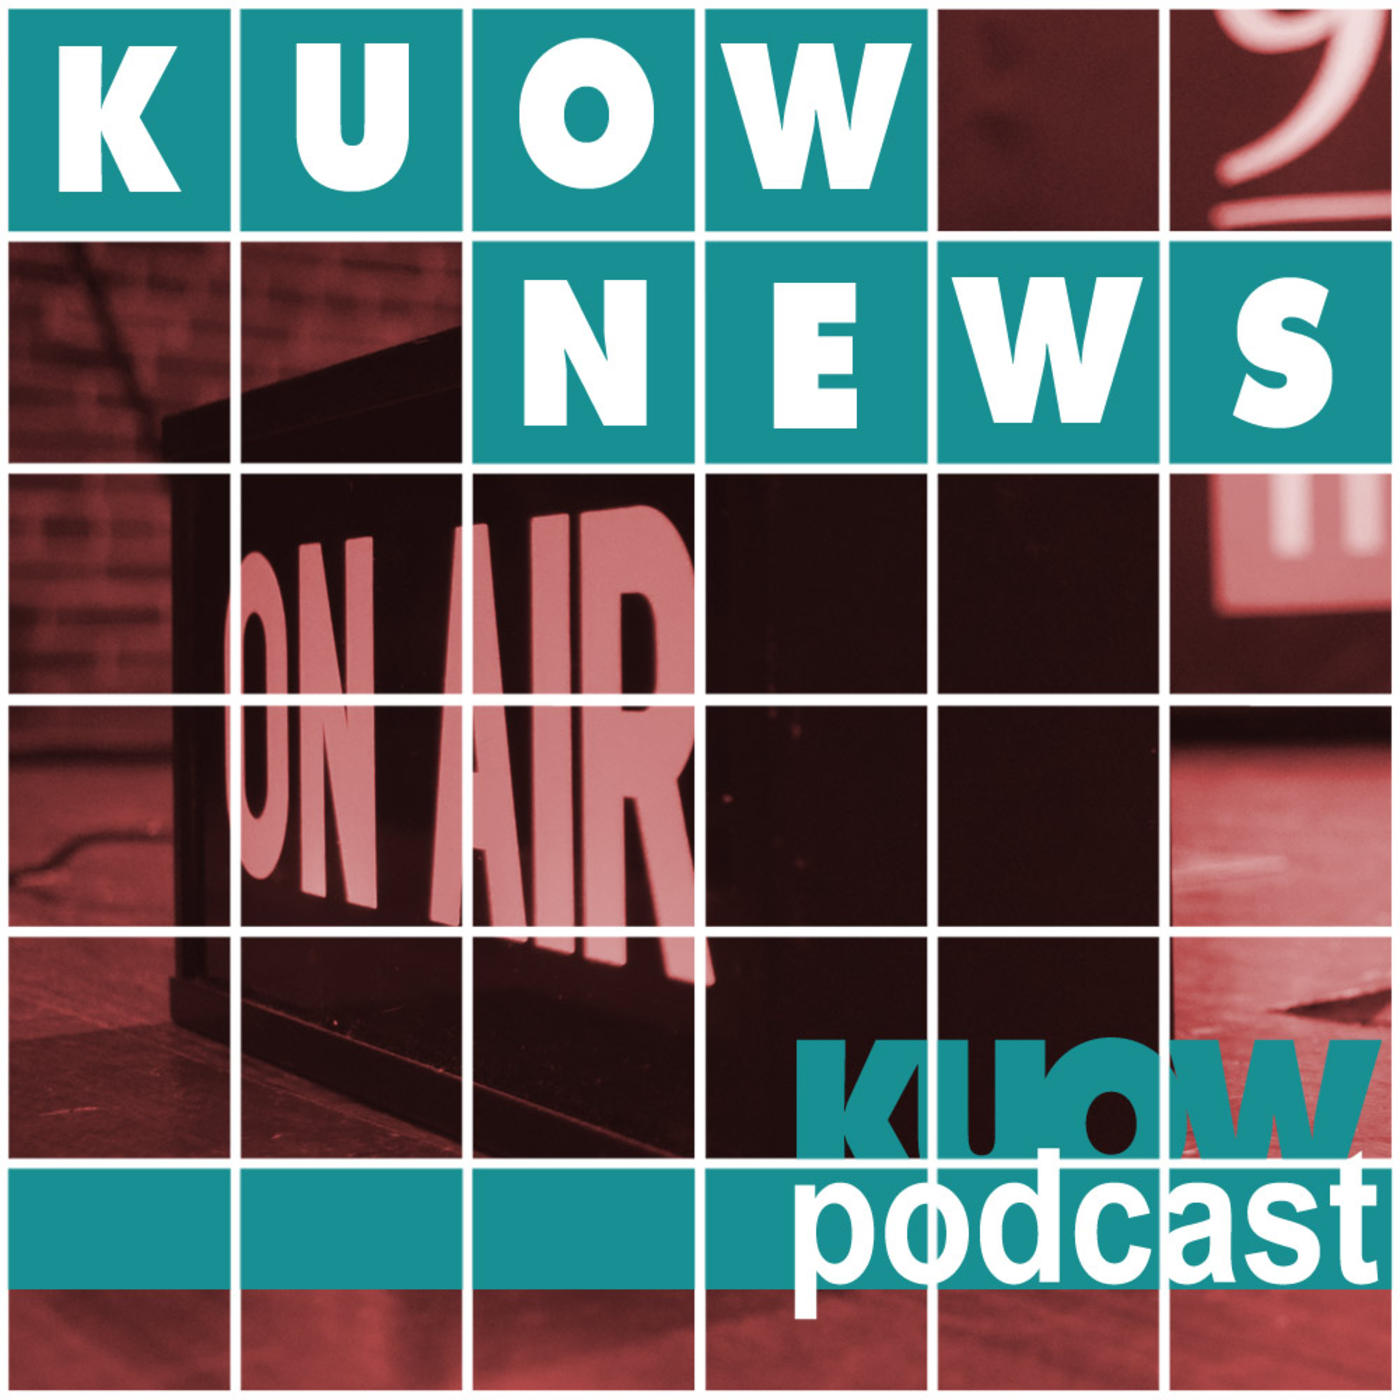 KUOW News